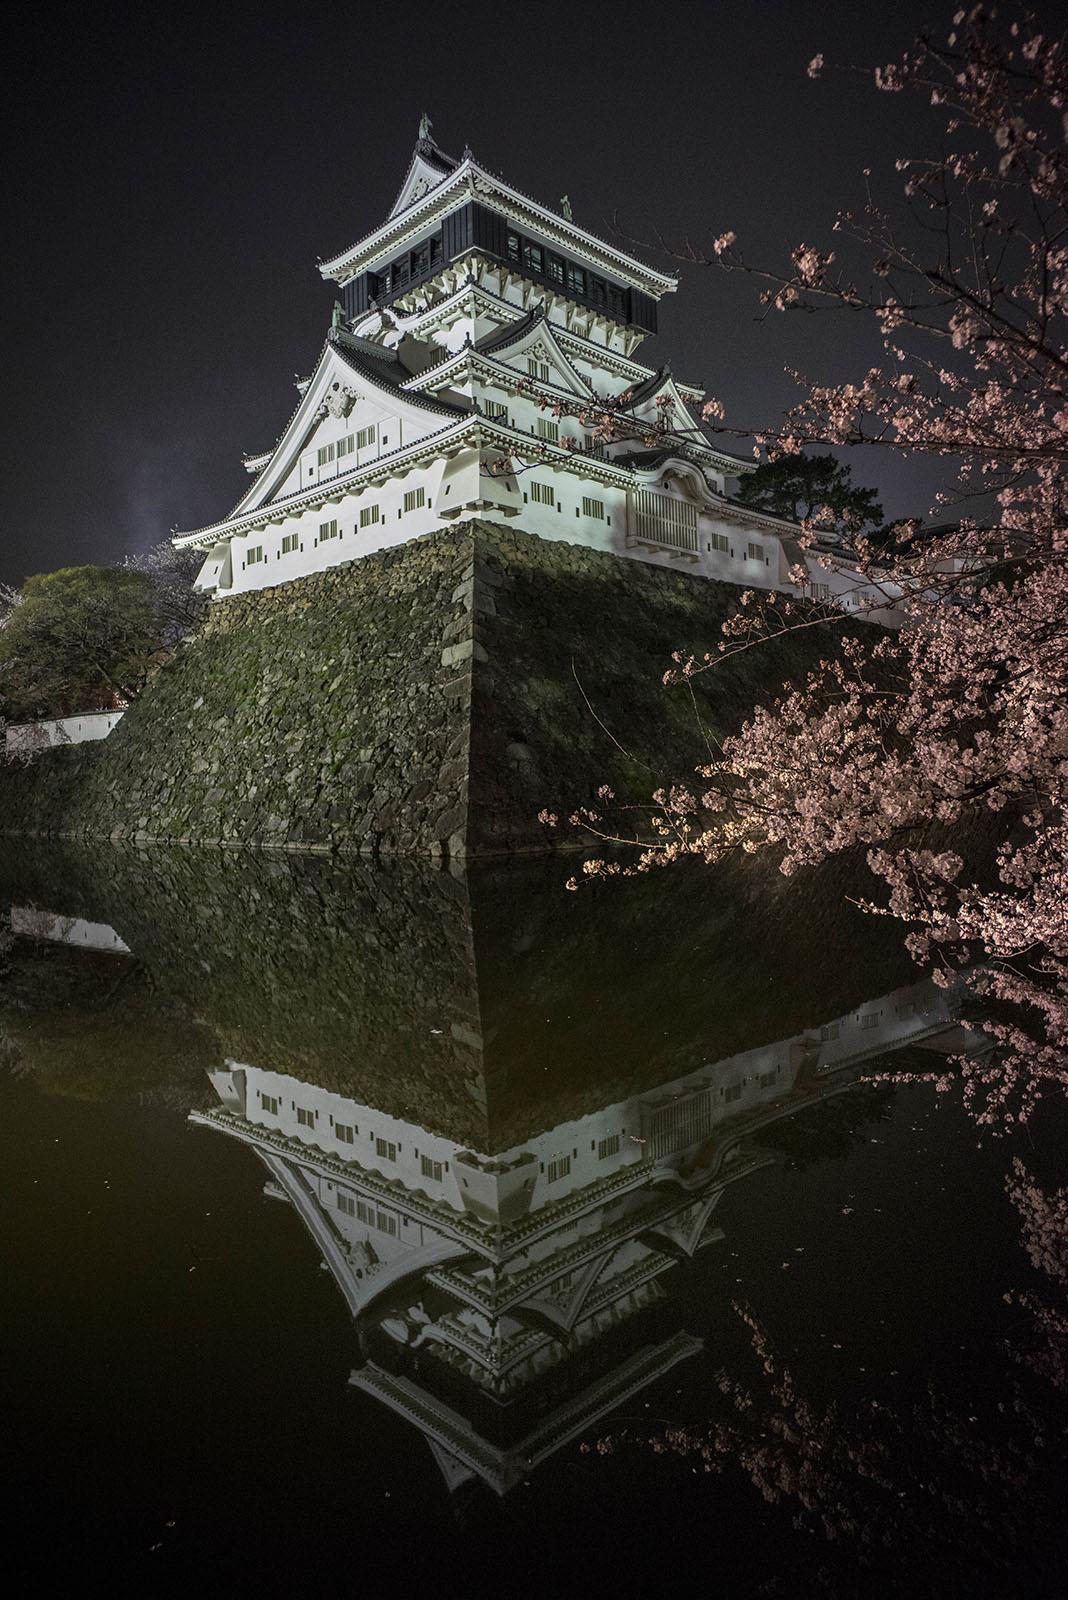 小倉城の夜桜写真がテレビで紹介されました。_c0028861_23125517.jpg